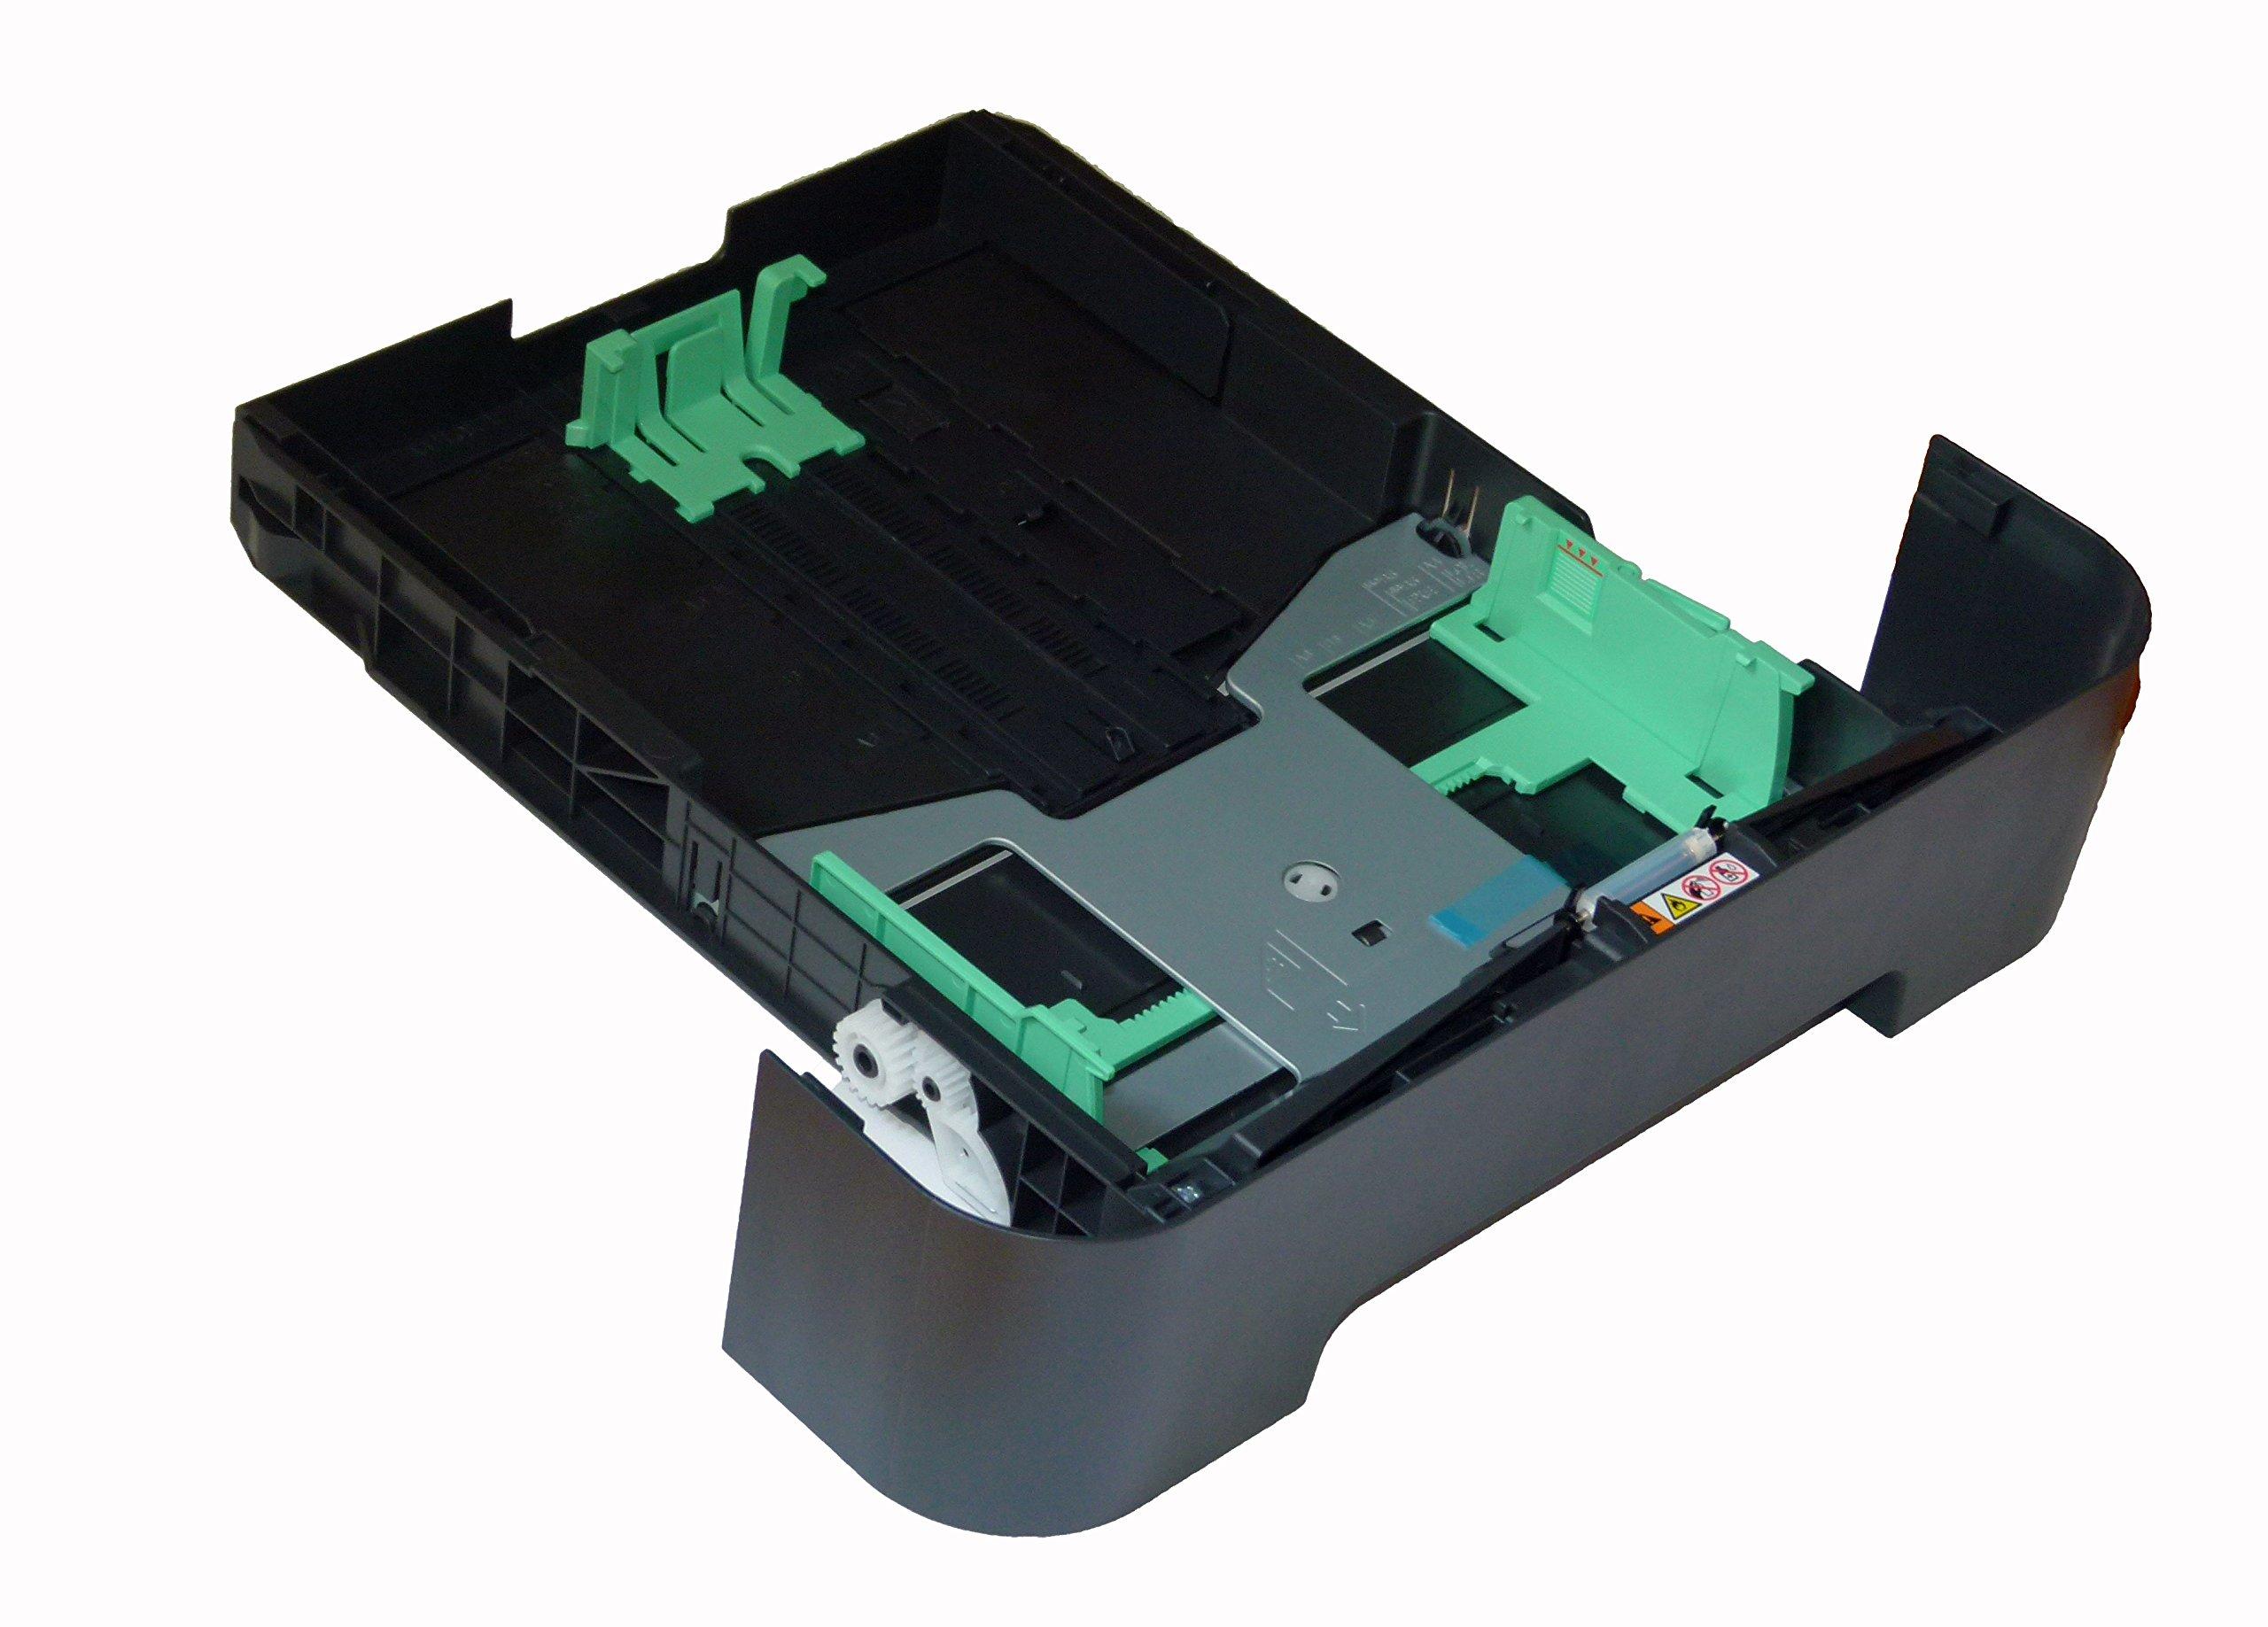 Brother OEM Paper Cassette Assembly - HL-2230, HL-2240, HL-2240D, HL-2250DN, HL-2270DW, HL-2275DW